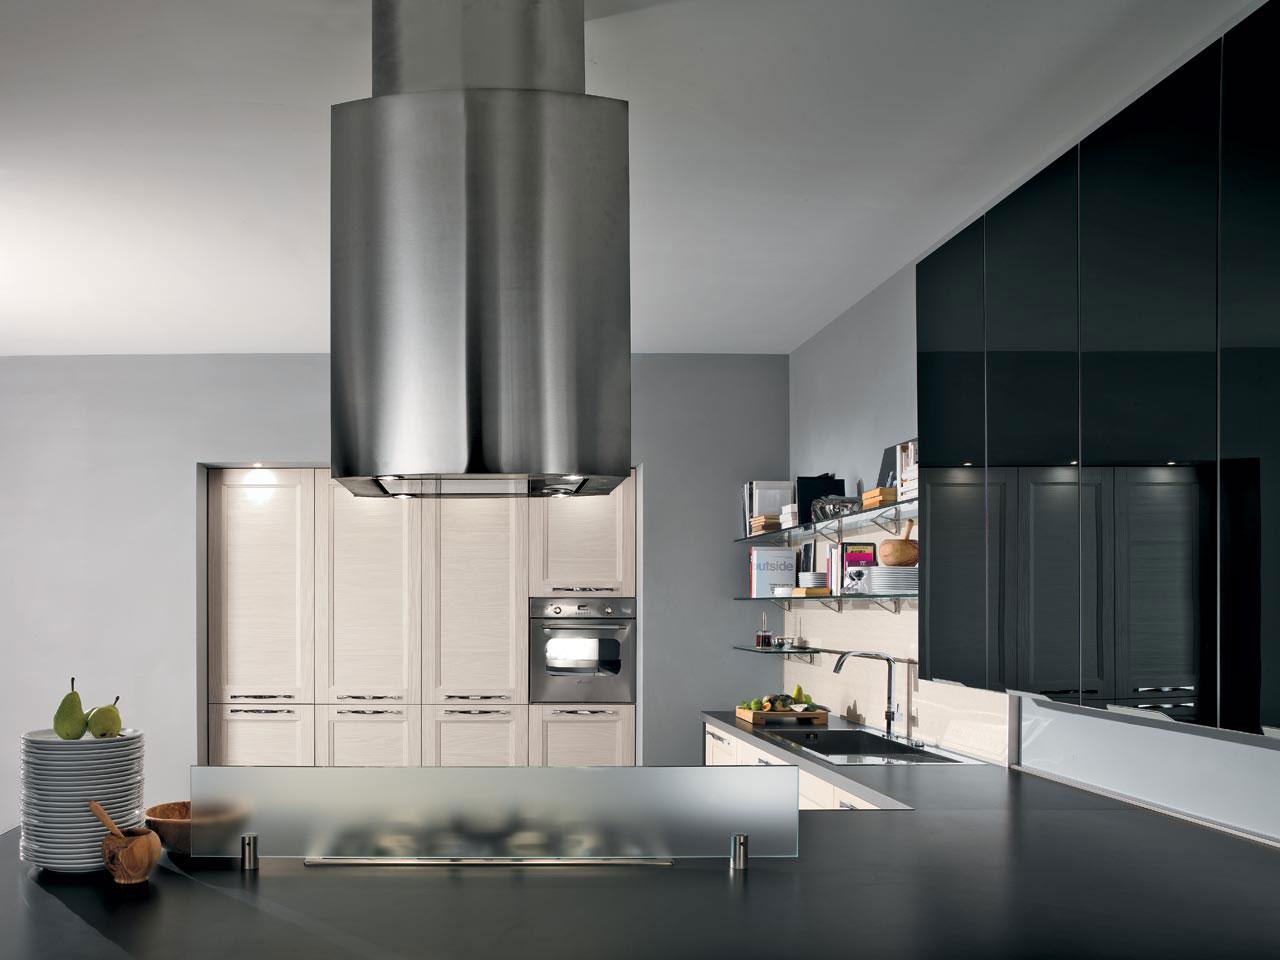 Cucine Moderne Lube - Modello Georgia   Perego Arredamenti